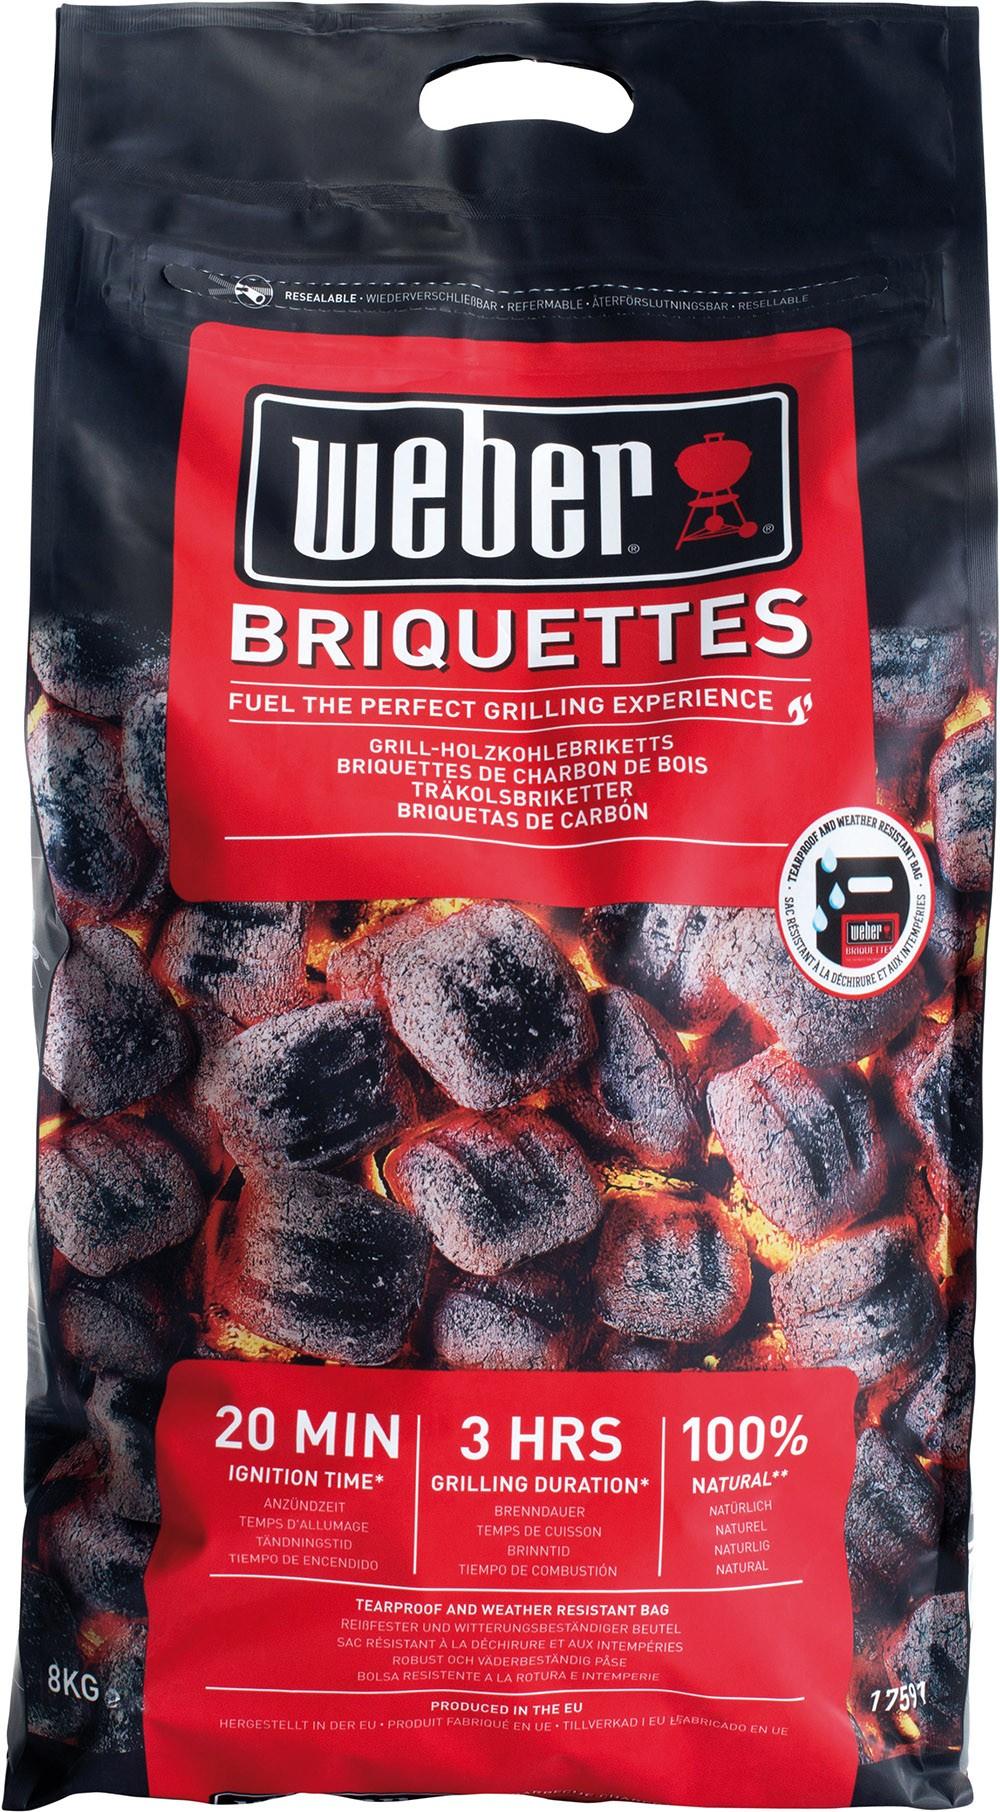 MERKUR: Weber Briketts 8 kg Sack um € 8,99 (mit 25% Pickerl)